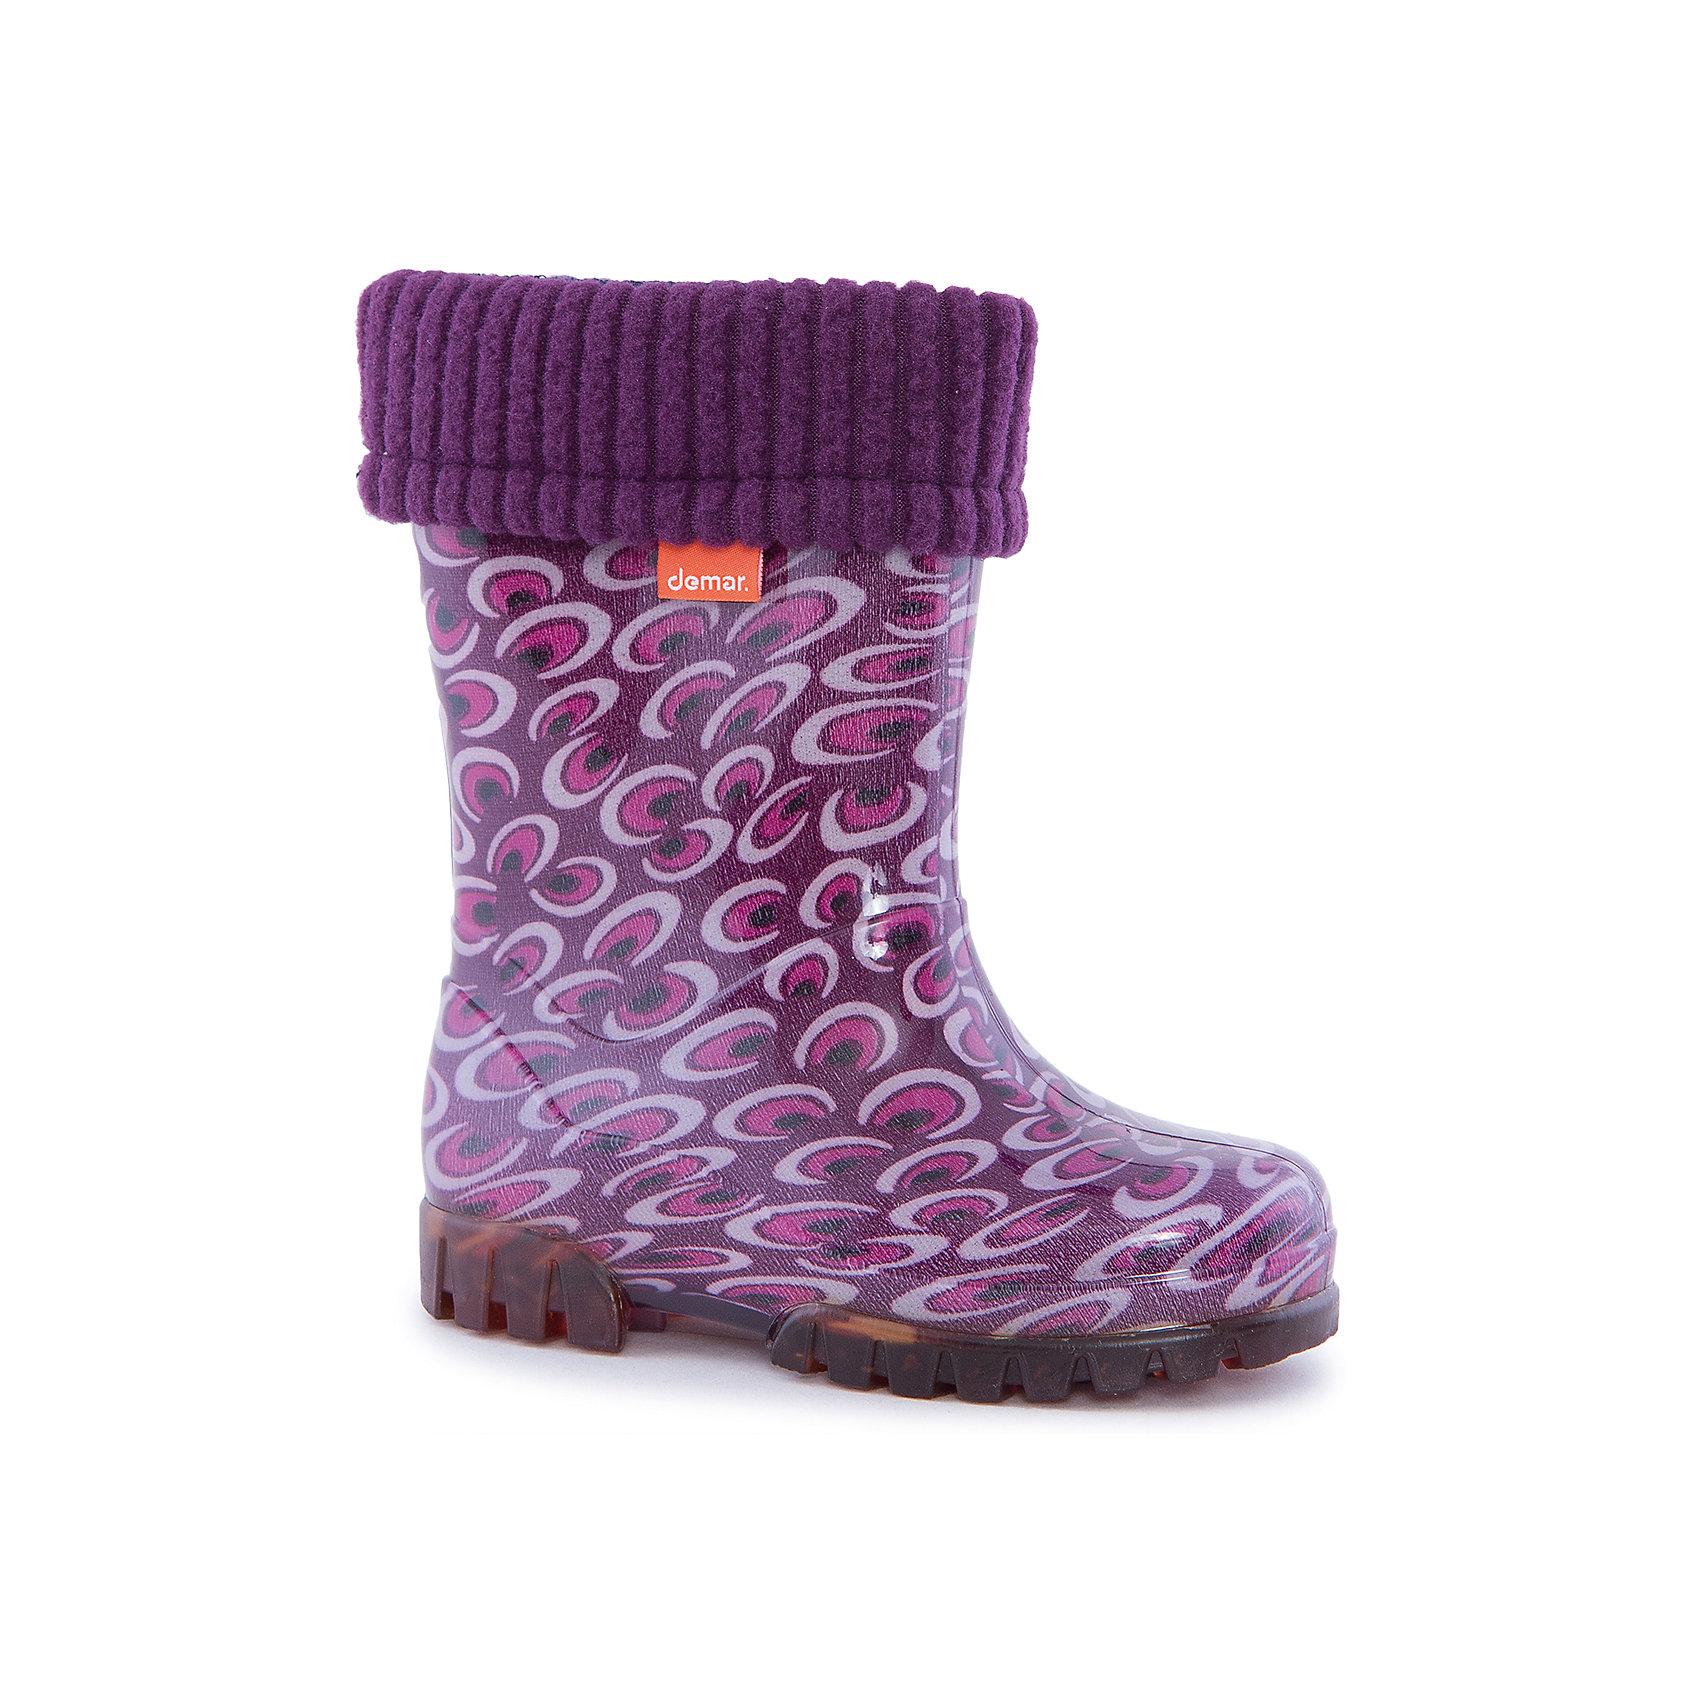 Резиновые сапоги Twister Lux Print DEMARХарактеристики товара:<br><br>• цвет: фиолетовый<br>• материал верха: ПВХ<br>• материал подкладки: текстиль <br>• материал подошвы: ПВХ<br>• температурный режим: от 0° до +15° С<br>• верх не продувается<br>• съемный чулок<br>• стильный дизайн<br>• страна бренда: Польша<br>• страна изготовитель: Польша<br><br>Осенью и весной ребенку не обойтись без непромокаемых сапожек! Чтобы не пропустить главные удовольствия межсезонья, нужно запастись удобной обувью. Такие сапожки обеспечат ребенку необходимый для активного отдыха комфорт, а подкладка из текстиля позволит ножкам оставаться теплыми. Сапожки легко надеваются и снимаются, отлично сидят на ноге. Они удивительно легкие!<br>Обувь от польского бренда Demar - это качественные товары, созданные с применением новейших технологий и с использованием как натуральных, так и высокотехнологичных материалов. Обувь отличается стильным дизайном и продуманной конструкцией. Изделие производится из качественных и проверенных материалов, которые безопасны для детей.<br><br>Сапожки от бренда Demar (Демар) можно купить в нашем интернет-магазине.<br><br>Ширина мм: 237<br>Глубина мм: 180<br>Высота мм: 152<br>Вес г: 438<br>Цвет: разноцветный<br>Возраст от месяцев: -2147483648<br>Возраст до месяцев: 2147483647<br>Пол: Женский<br>Возраст: Детский<br>Размер: 24/25,26/27,22/23<br>SKU: 4639994